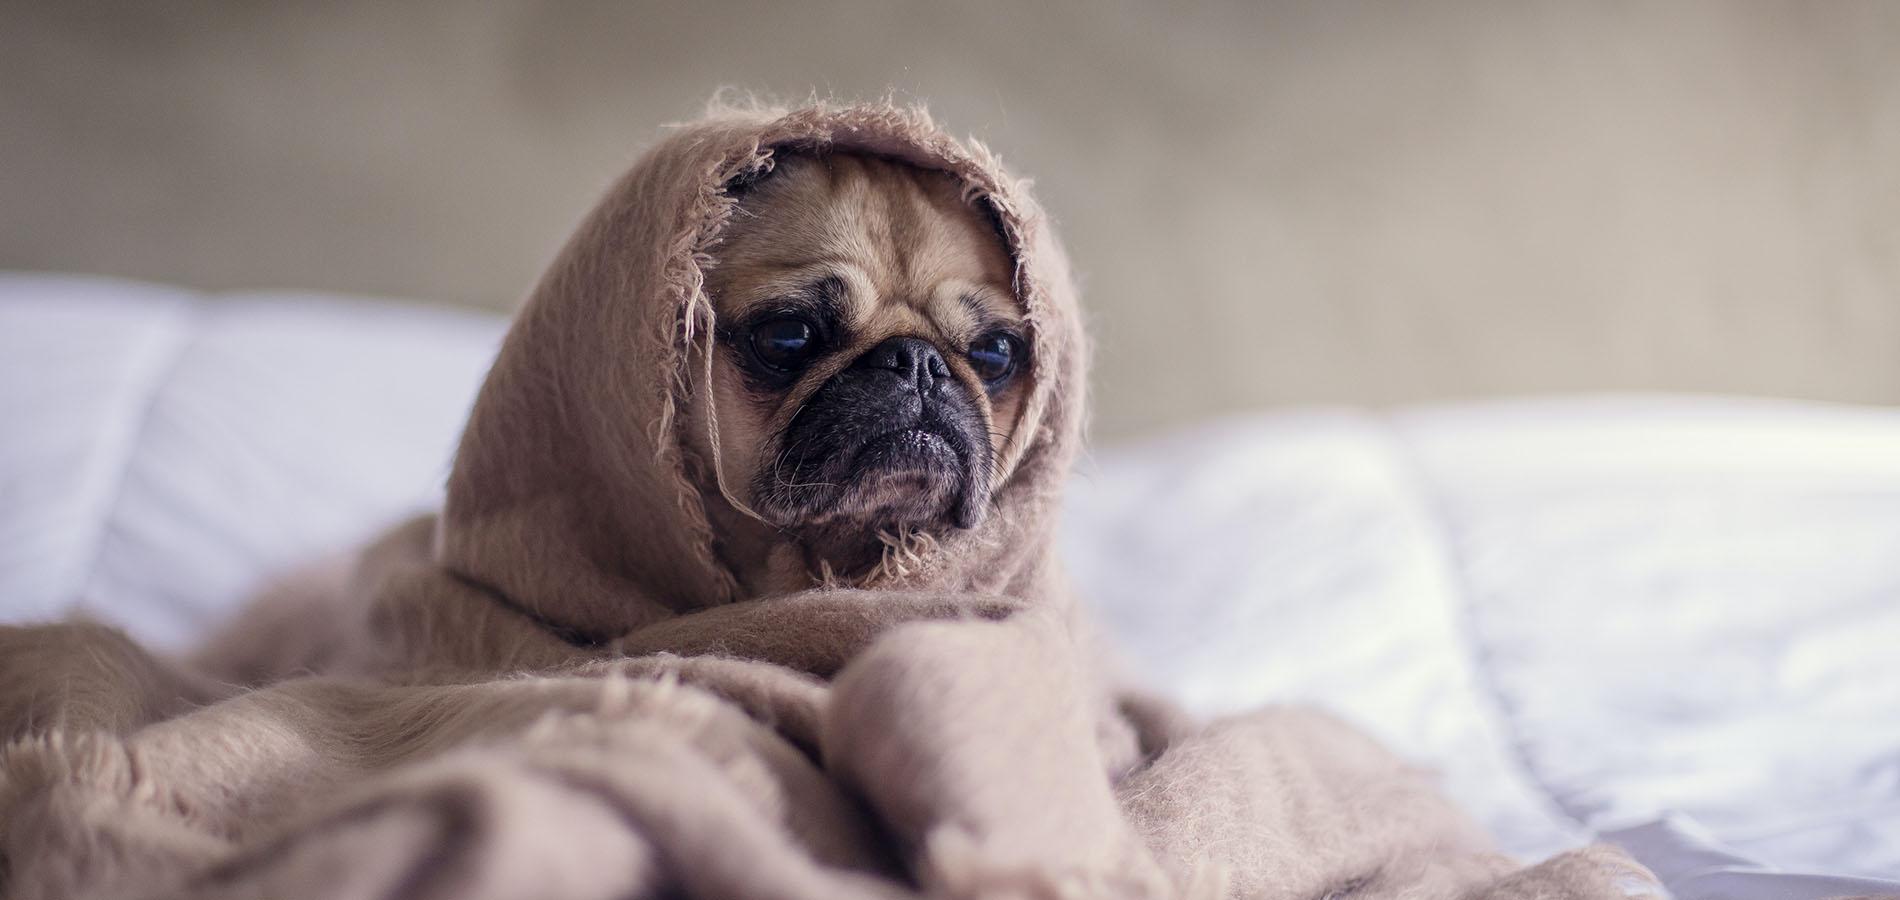 Knuffliger Hund eingewickelt in einer Bettdecke - ob er wohl Stress hat